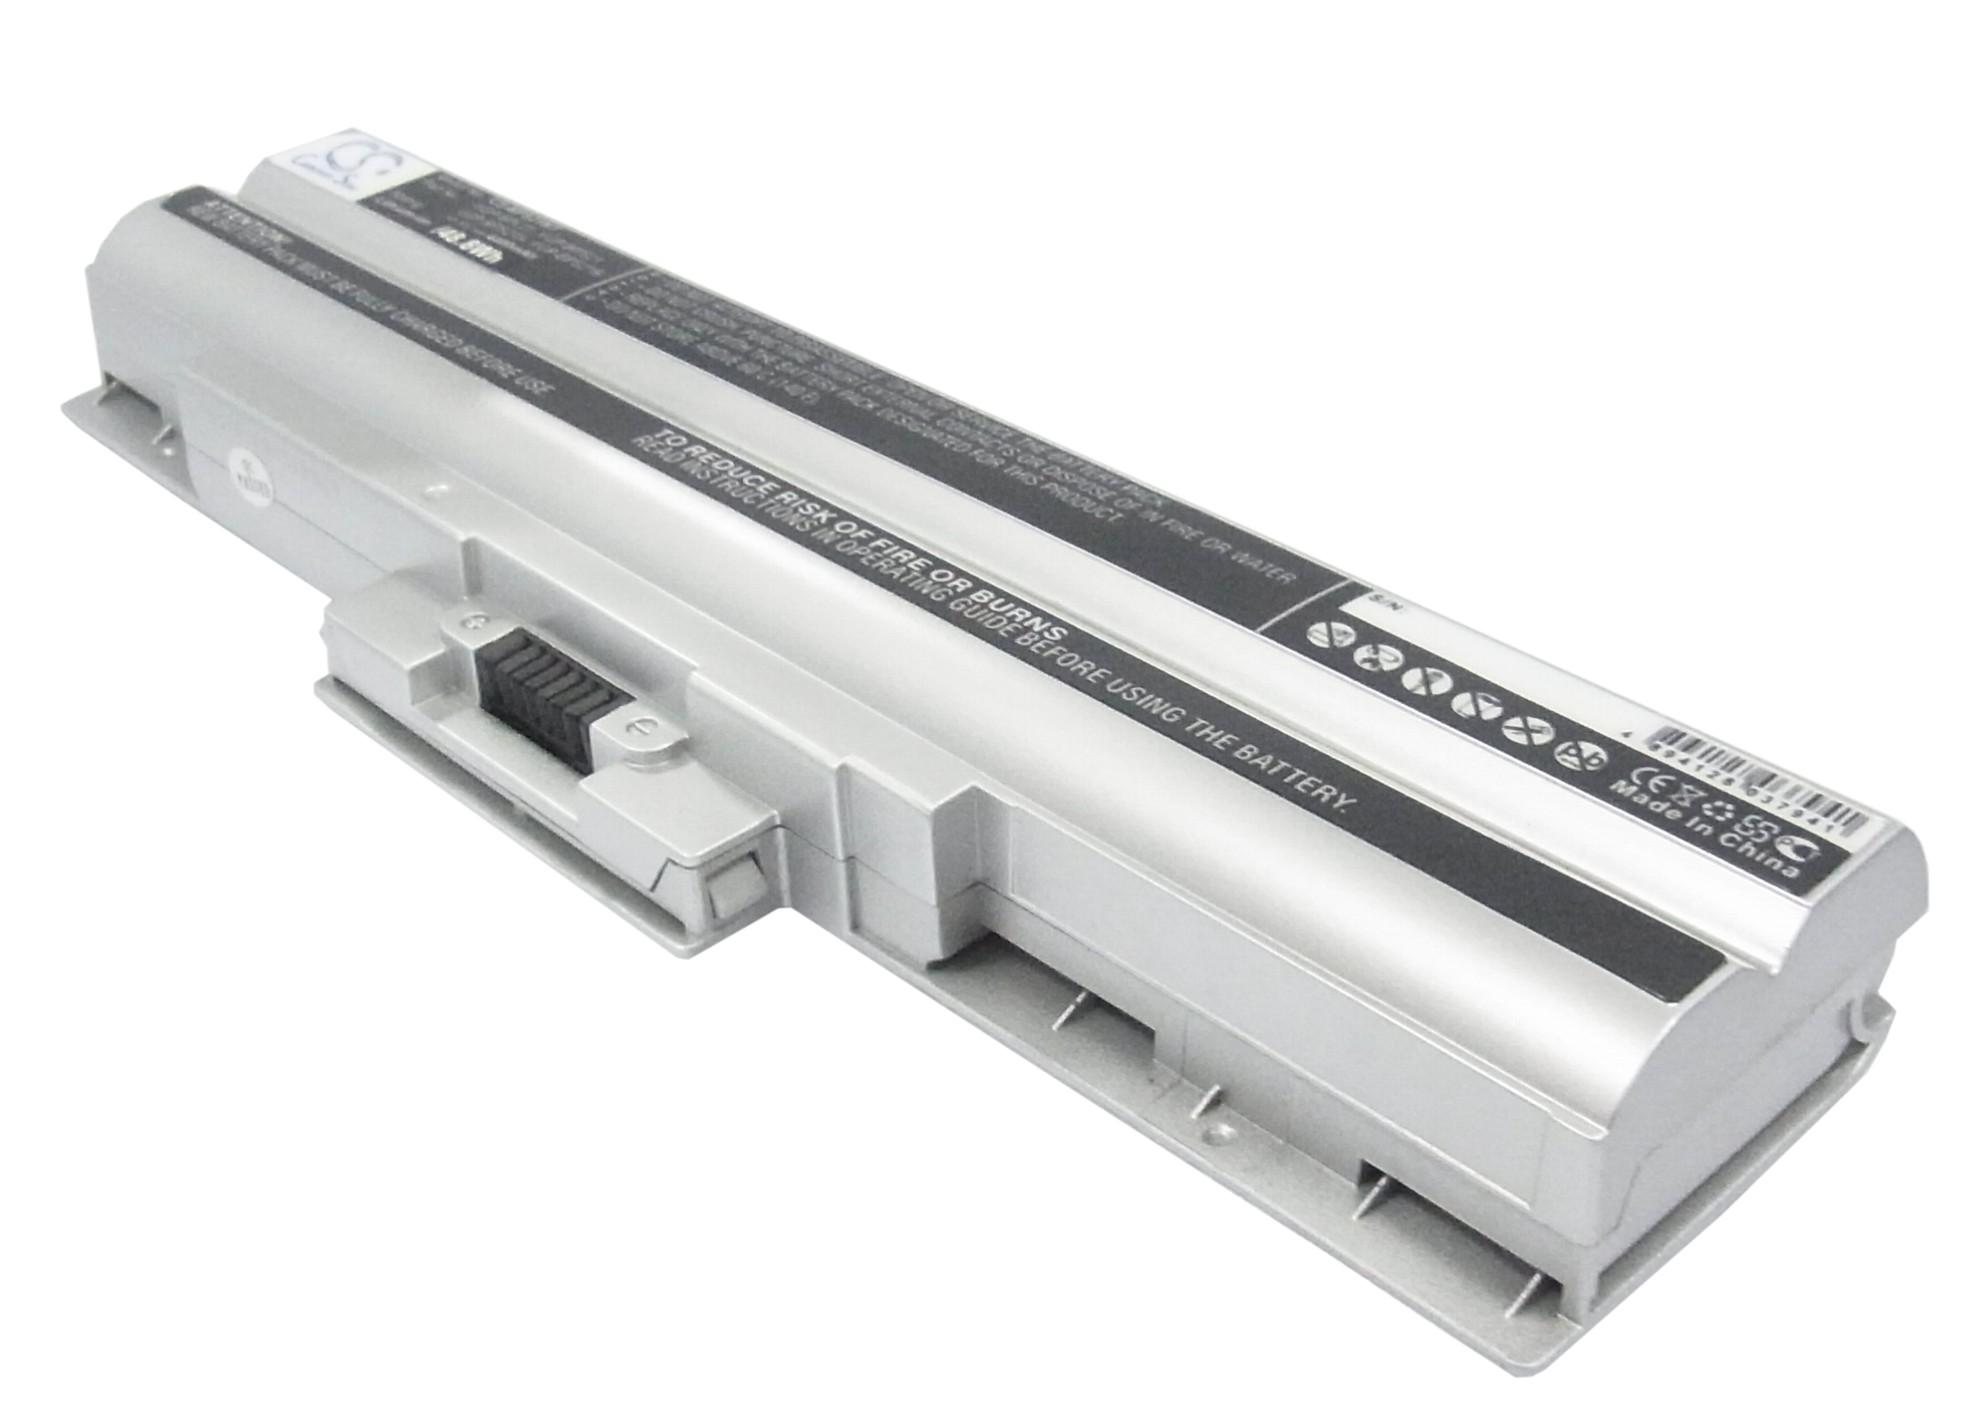 Cameron Sino baterie do notebooků pro SONY VAIO VGN-BZ12EN 11.1V Li-ion 4400mAh stříbrná - neoriginální